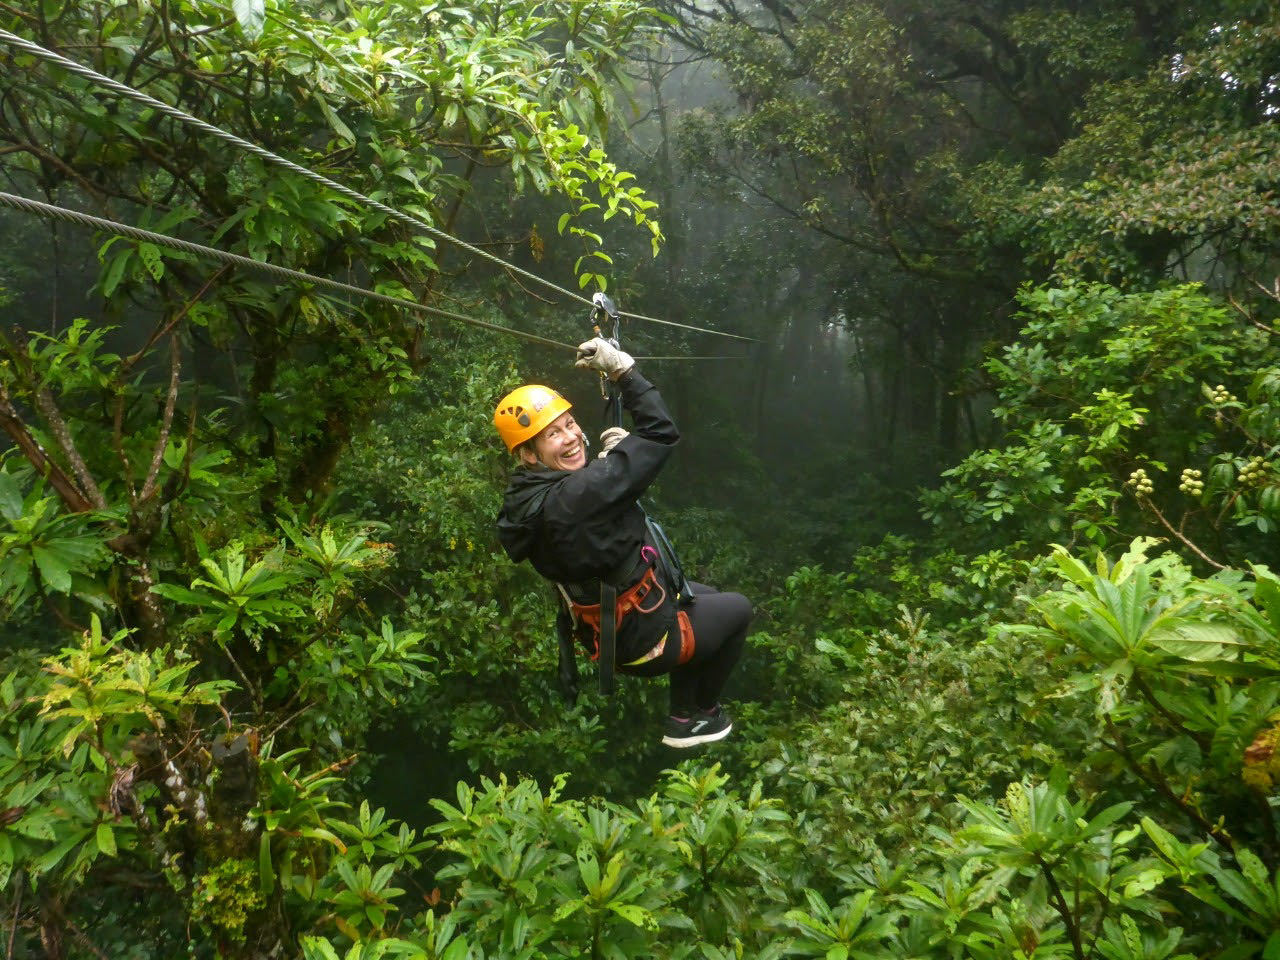 zip lining in monteverde cloud forest in costa rica